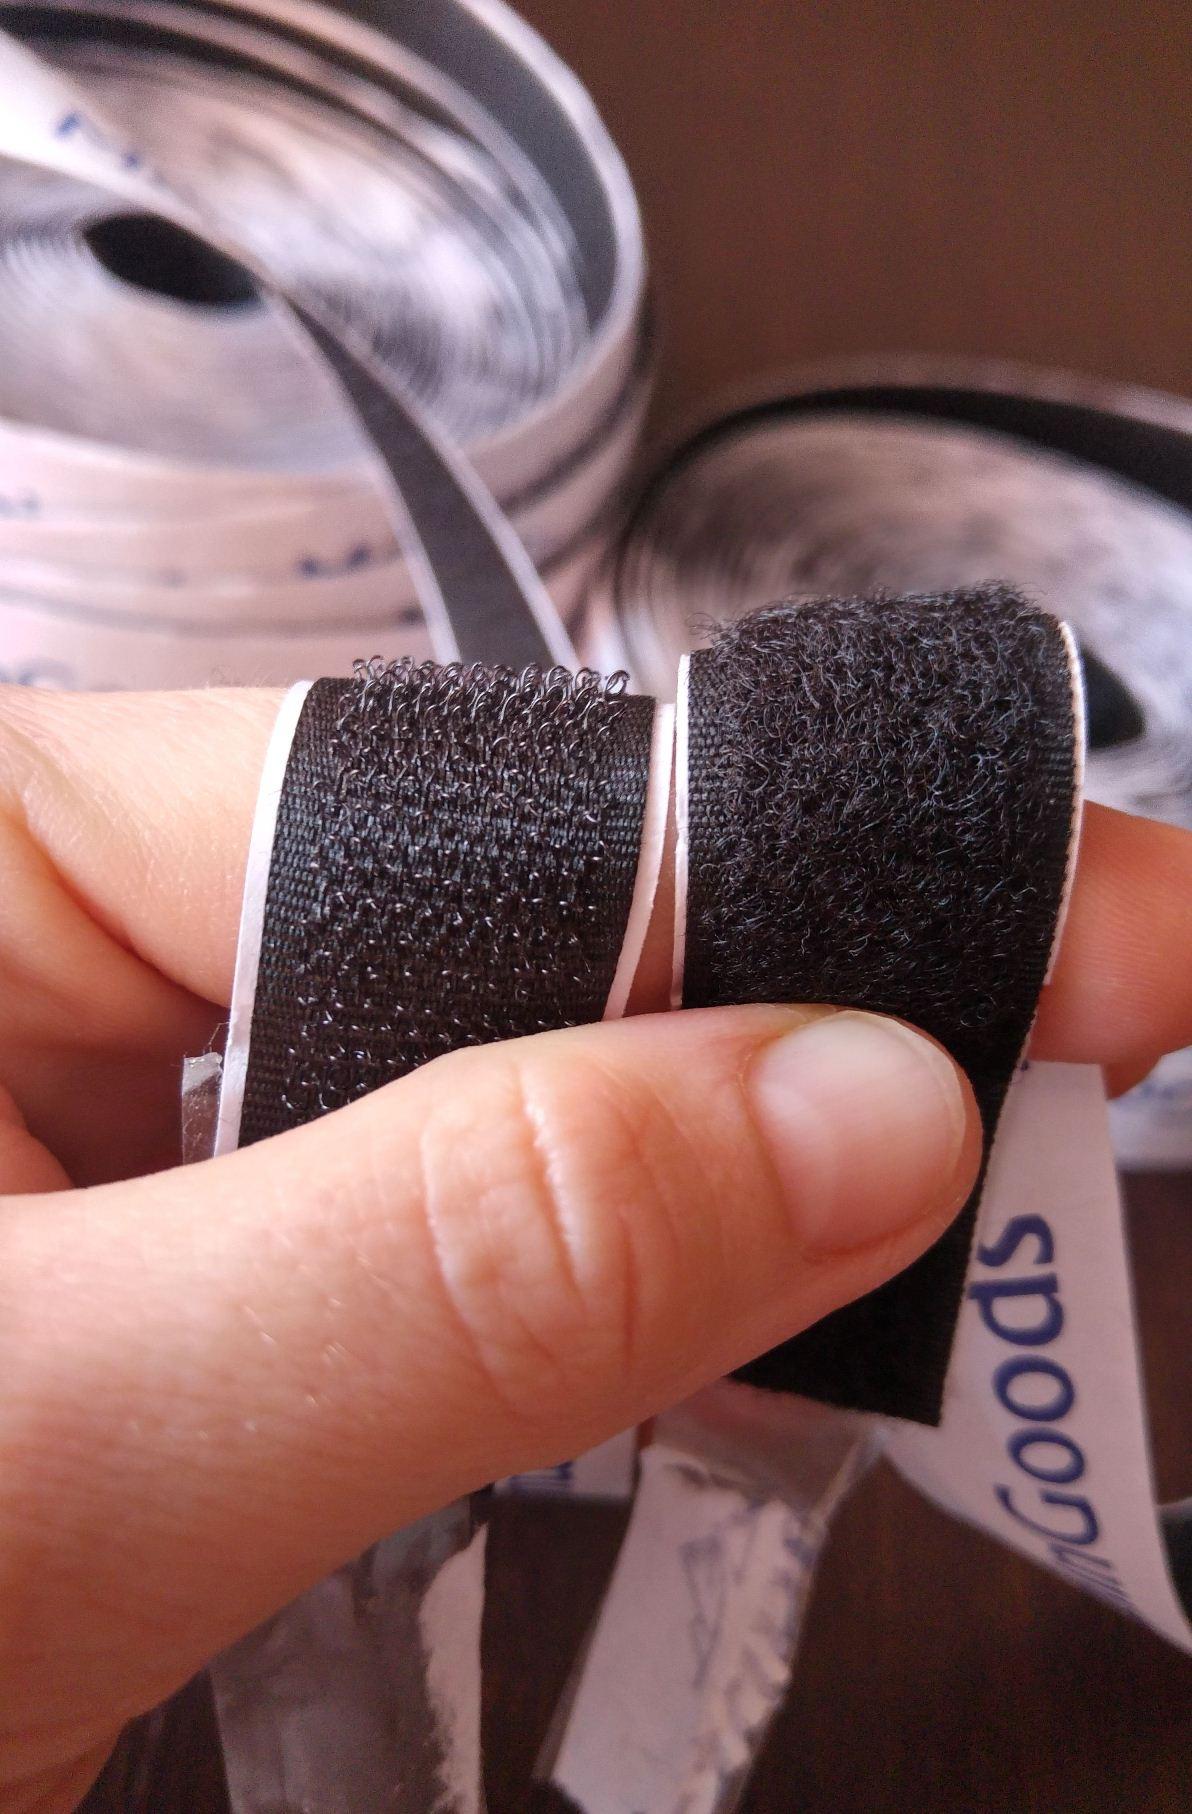 La mia recensione di: Velcro 10 m MountaingGoods con biadesivo